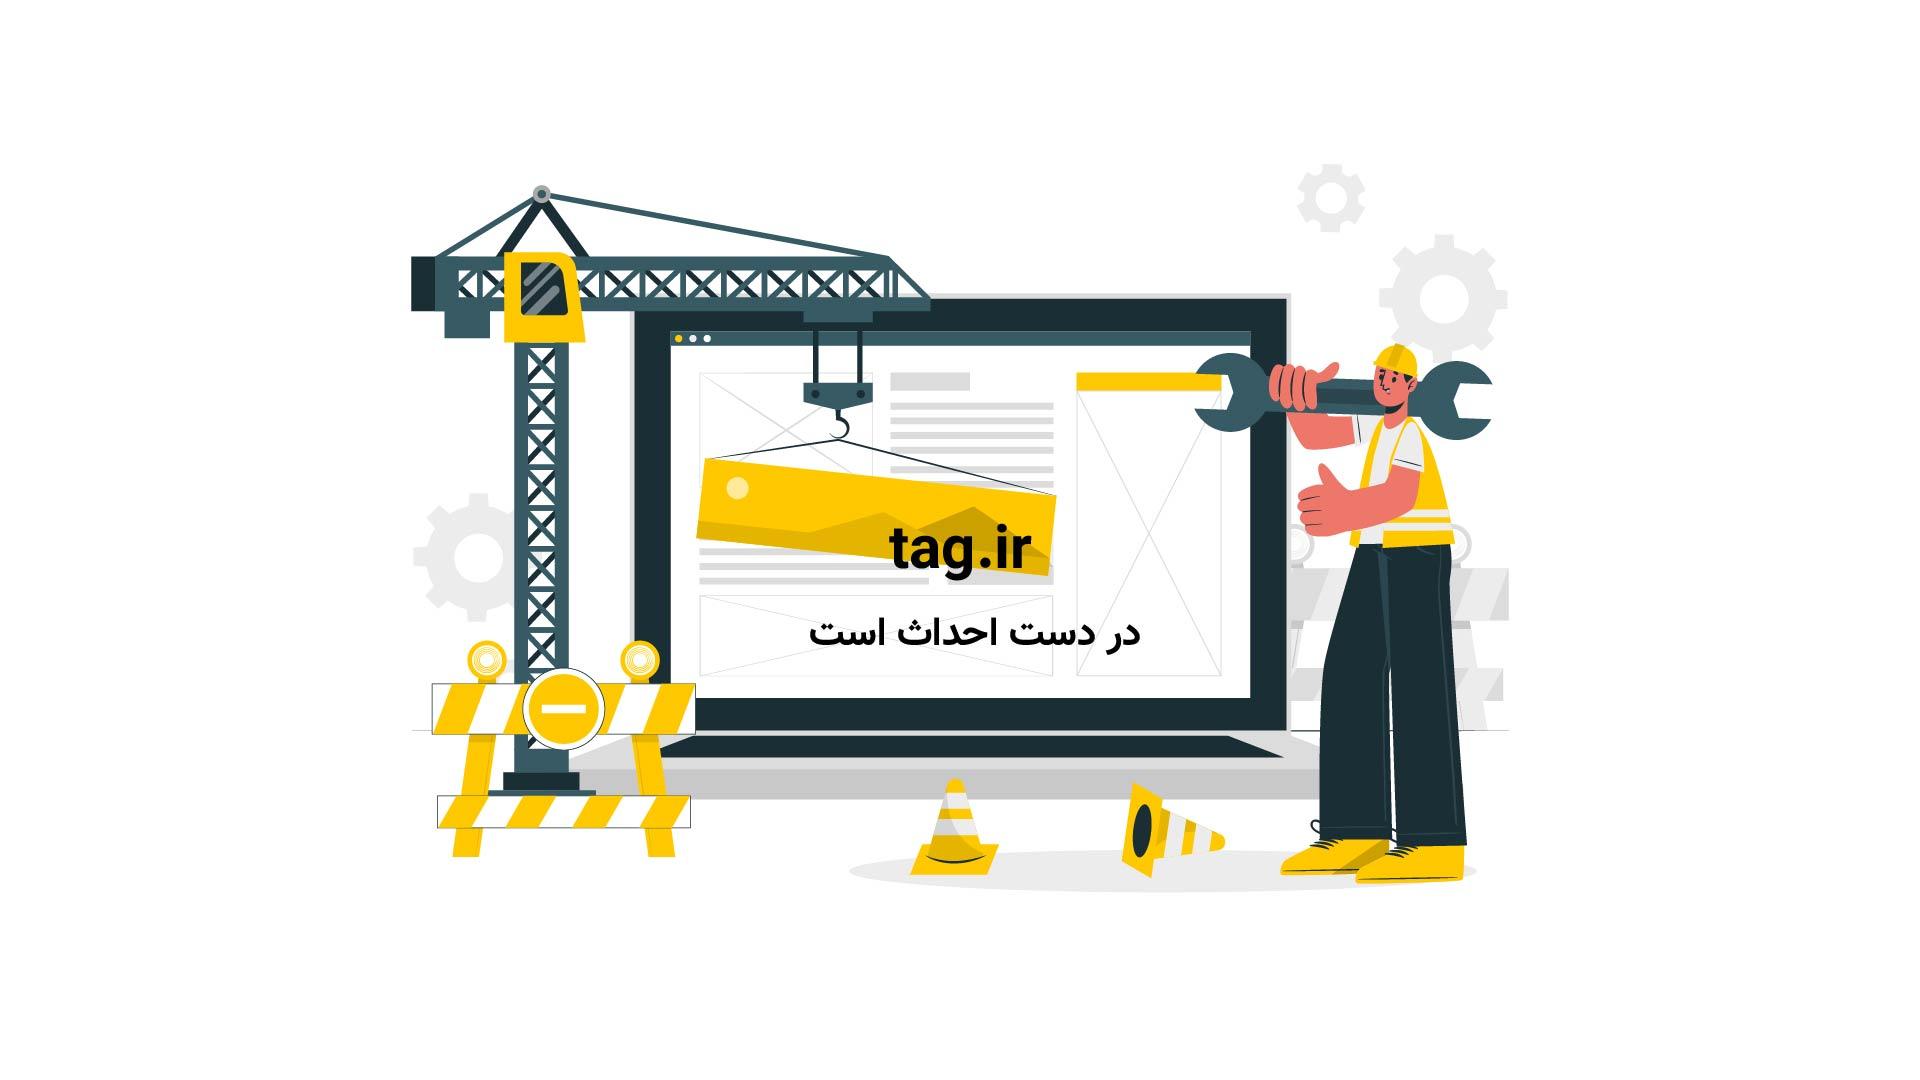 ایده ای برای ساخت یک خانه مقاوم و زیبا | فیلم